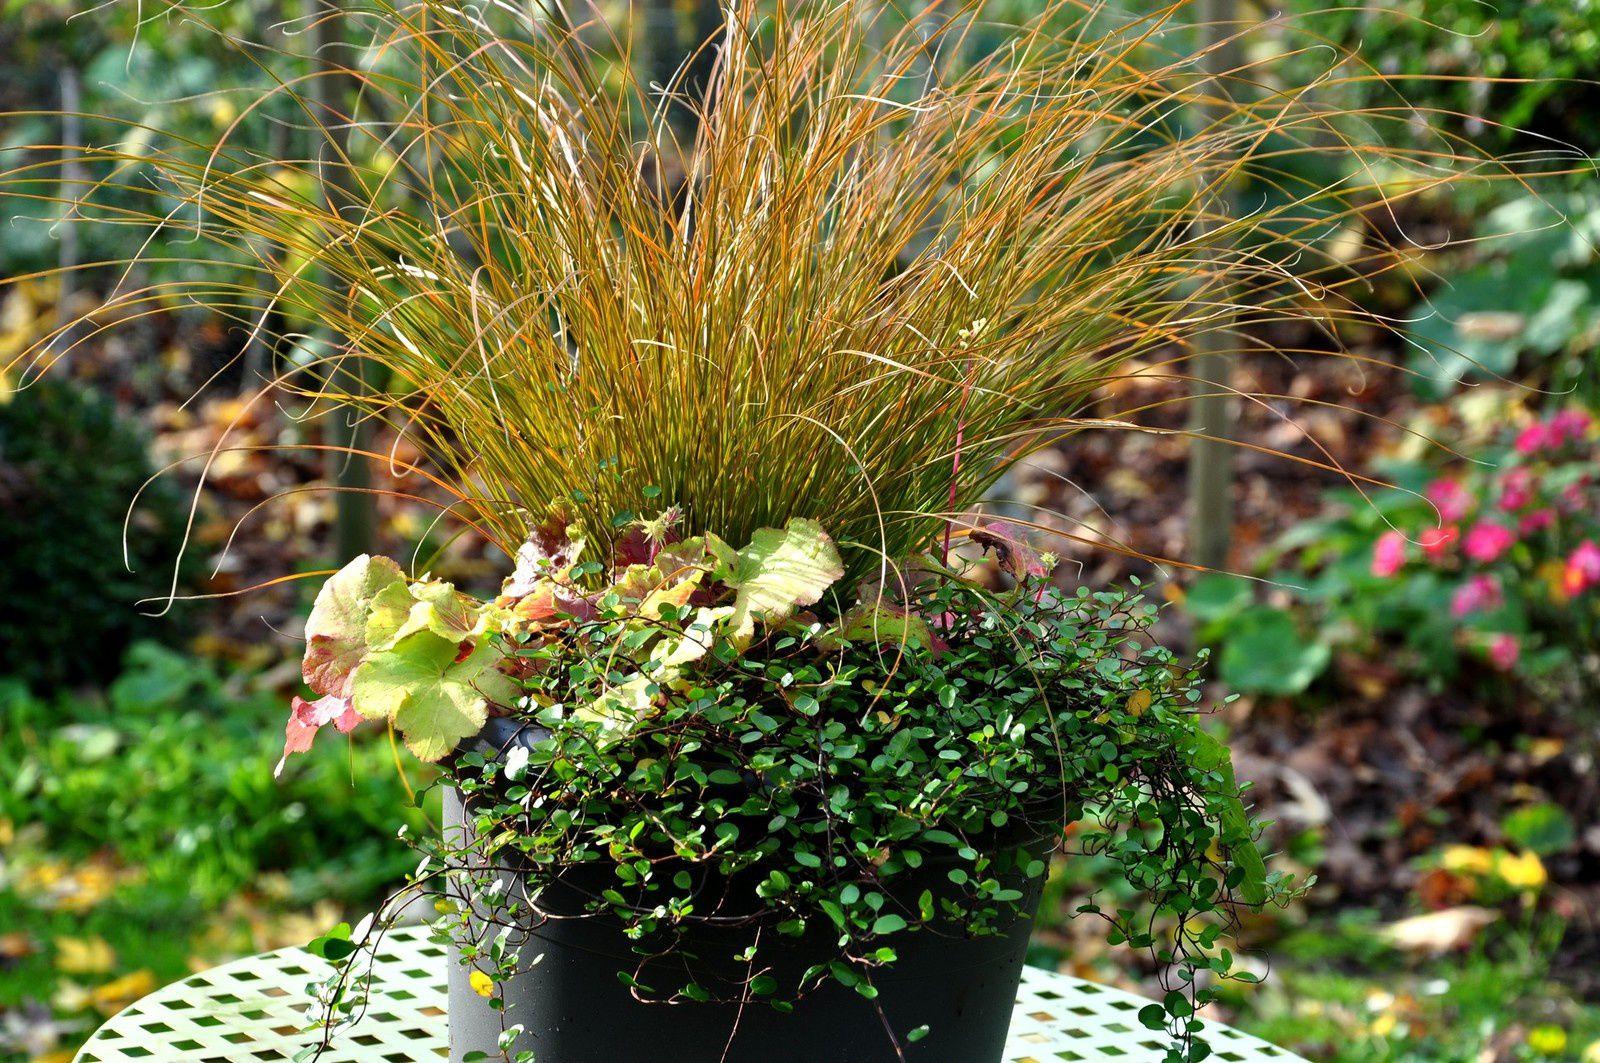 Carex Prairie Fire, heuchère Delta Dawn et muehlenbeckia, adorable tapissante.